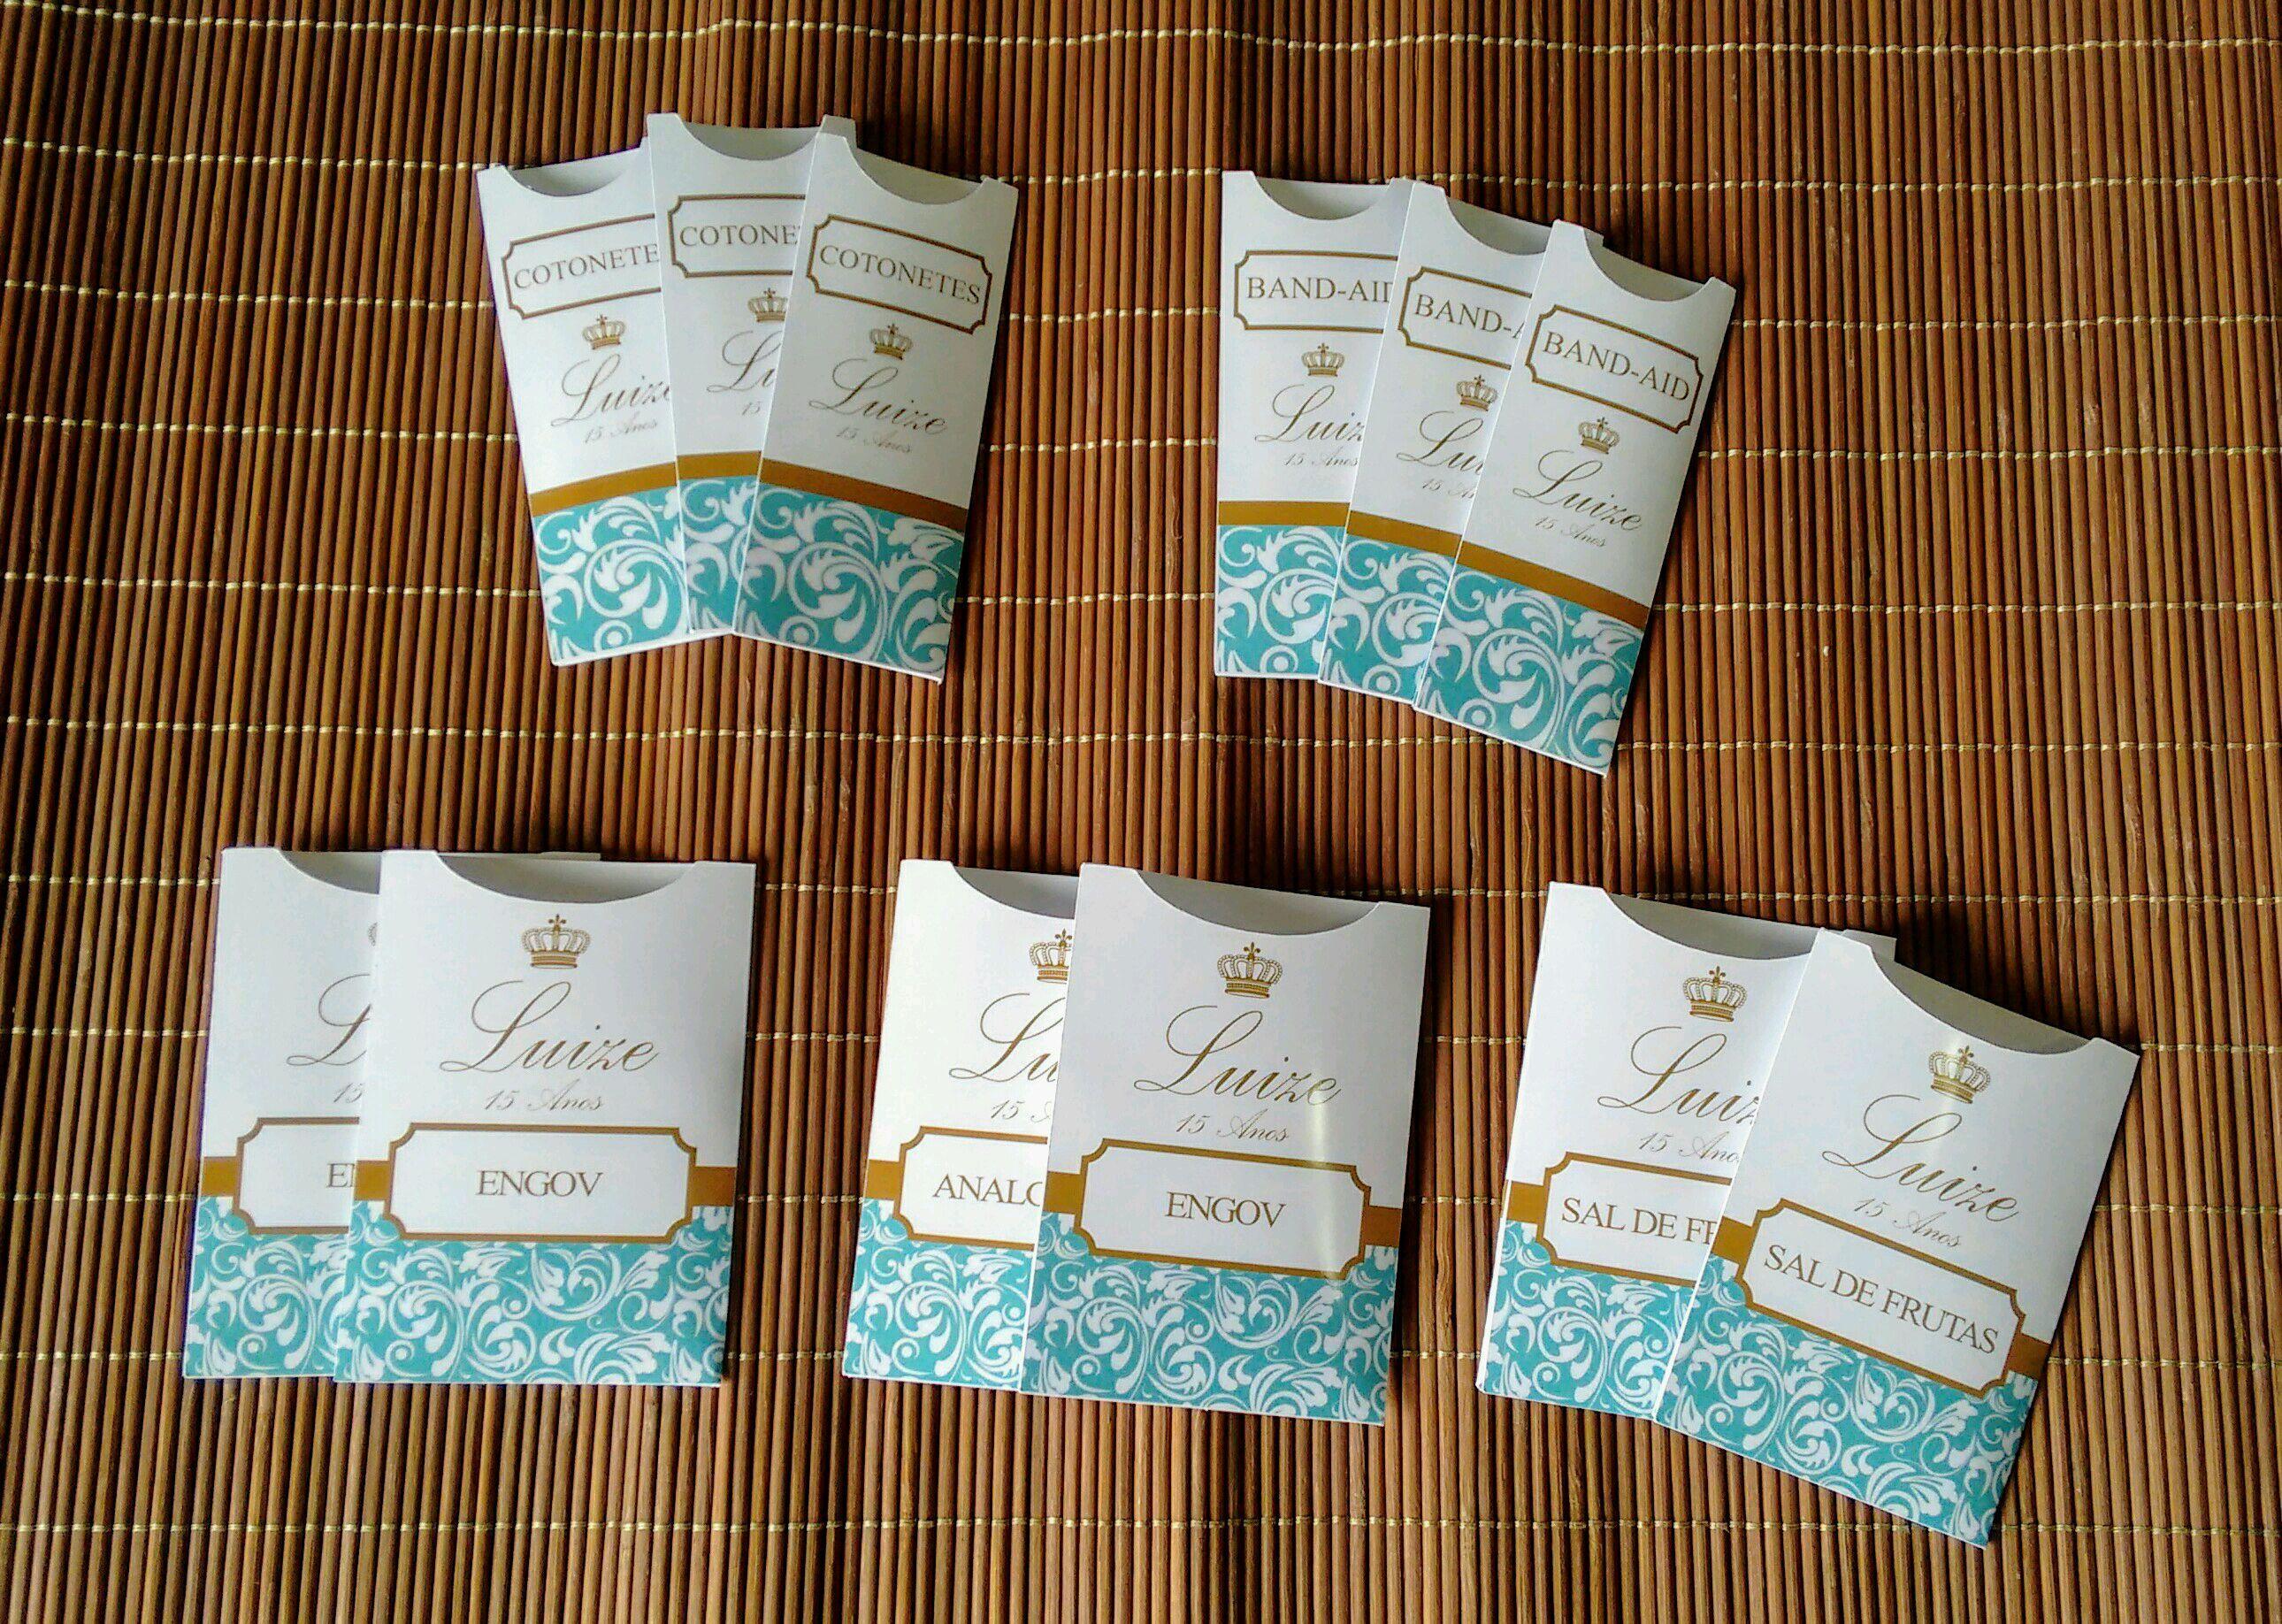 Kit Toalete Banheiro Azul Tiffany - Feminino e Masculino no Elo7   Papel  Decor Produtos Personalizados (DCA0C5) e59d17e8db